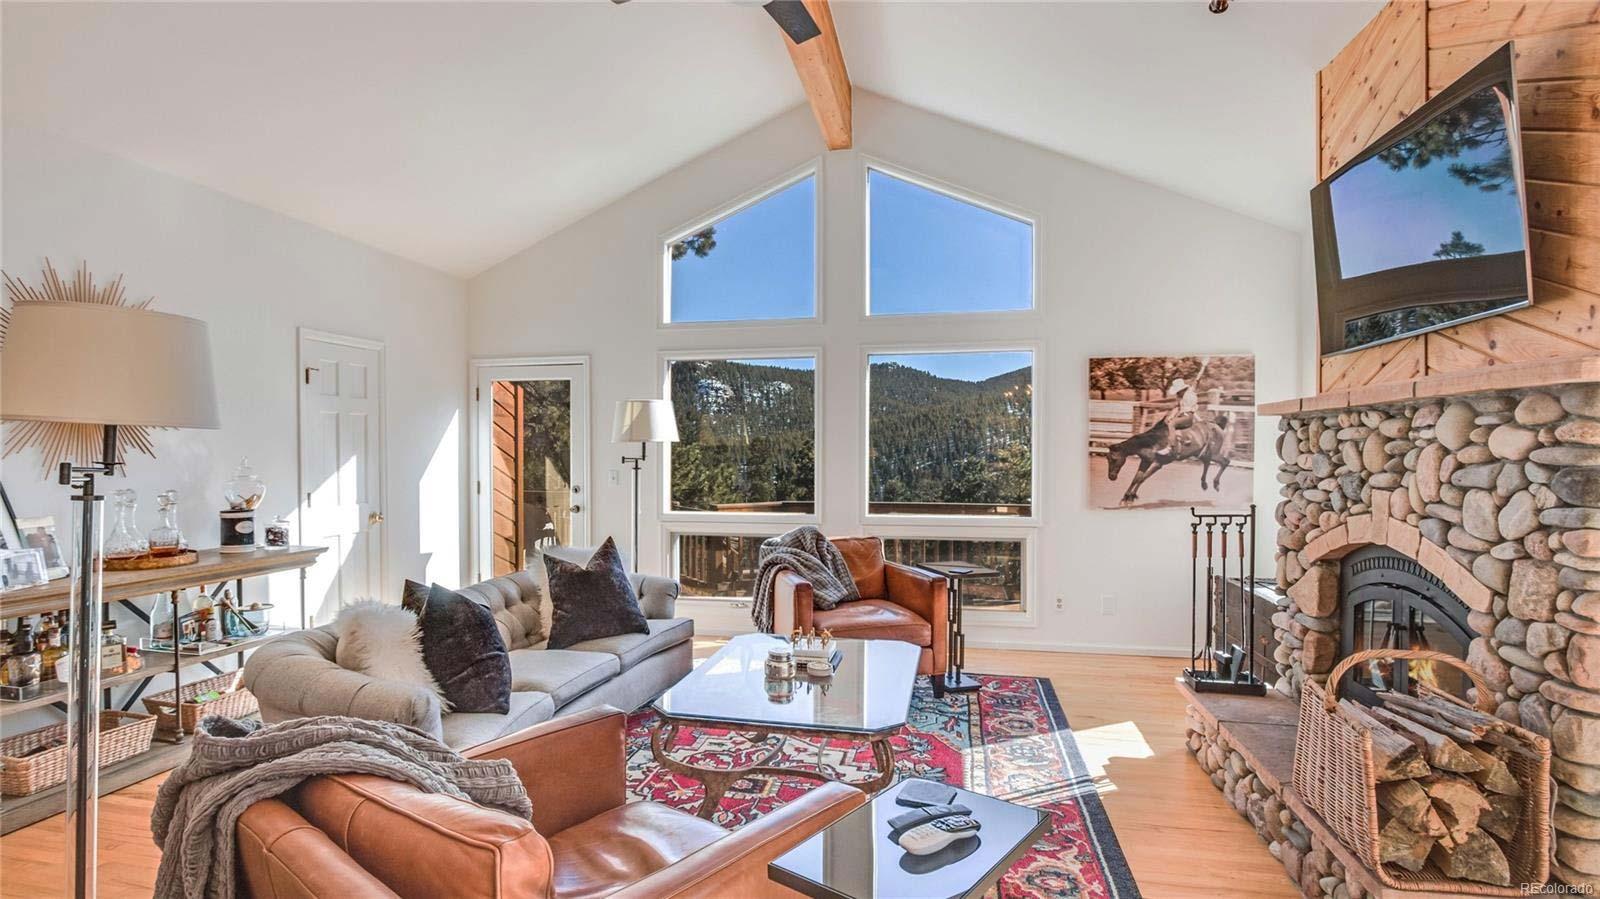 Evergreen Homes in the $500k range